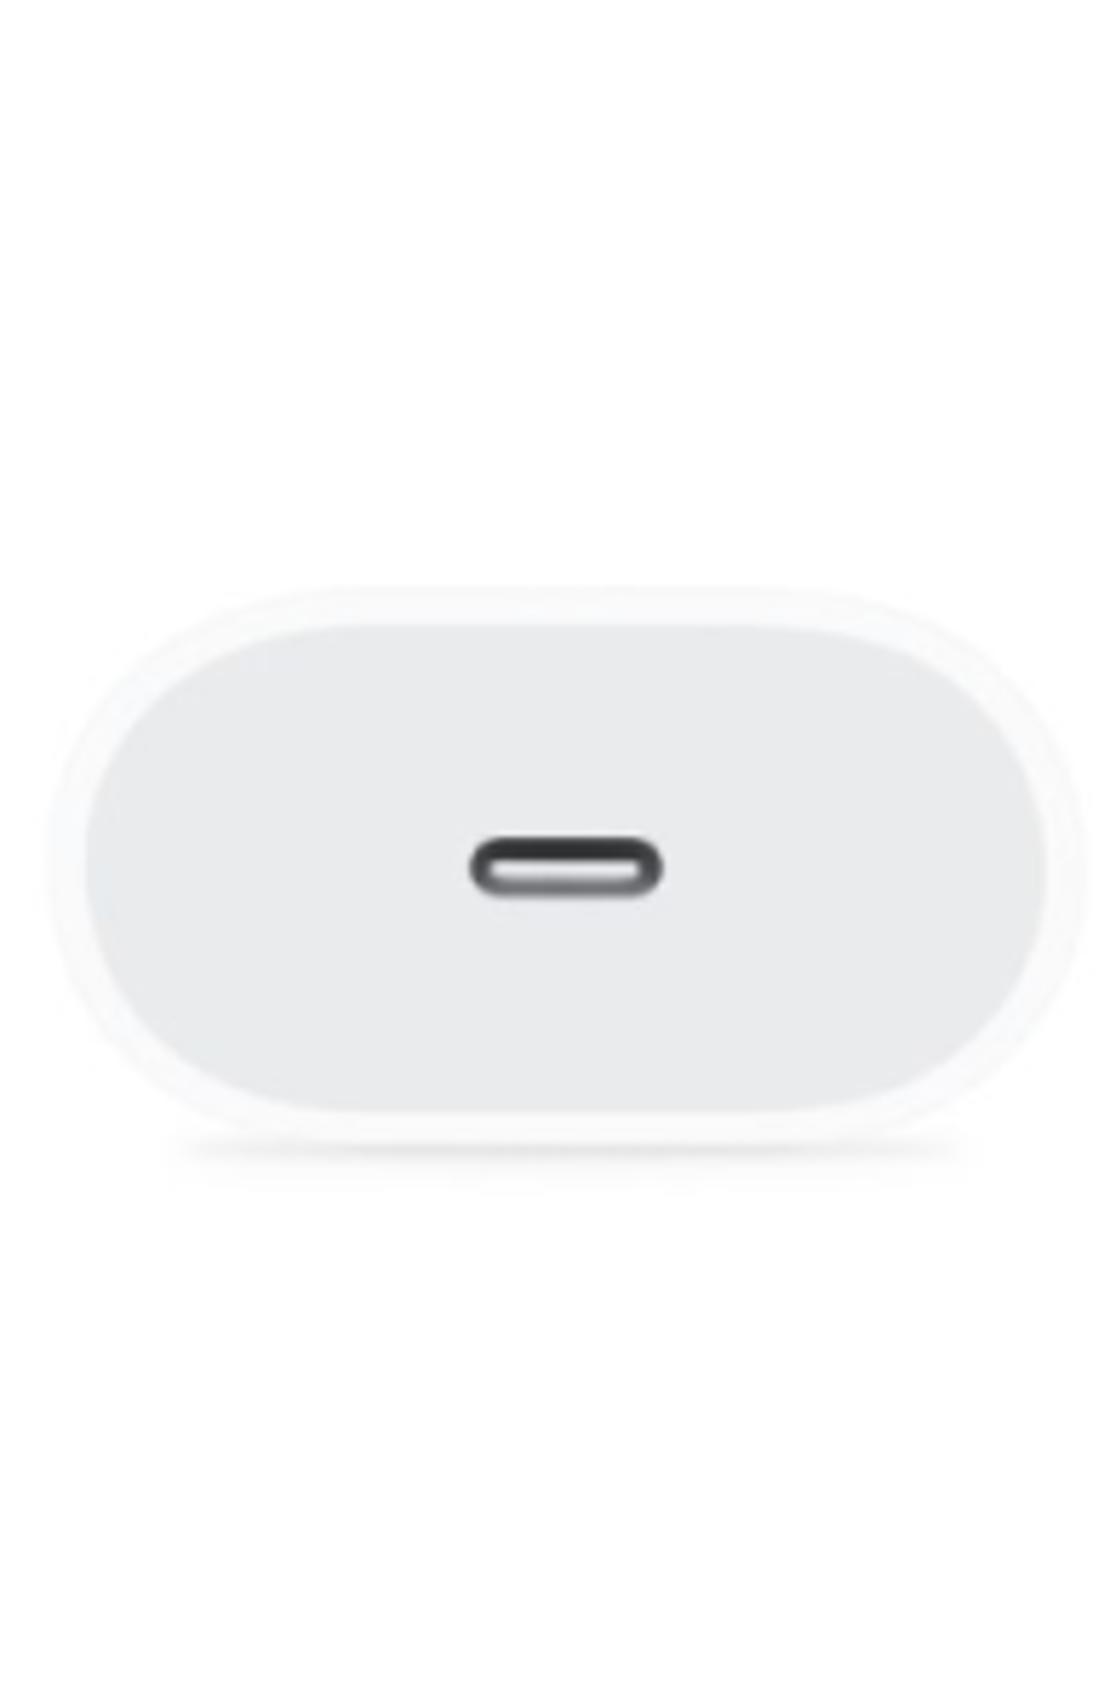 מטען קיר Apple 20W USB-C Power - יבואן רשמי